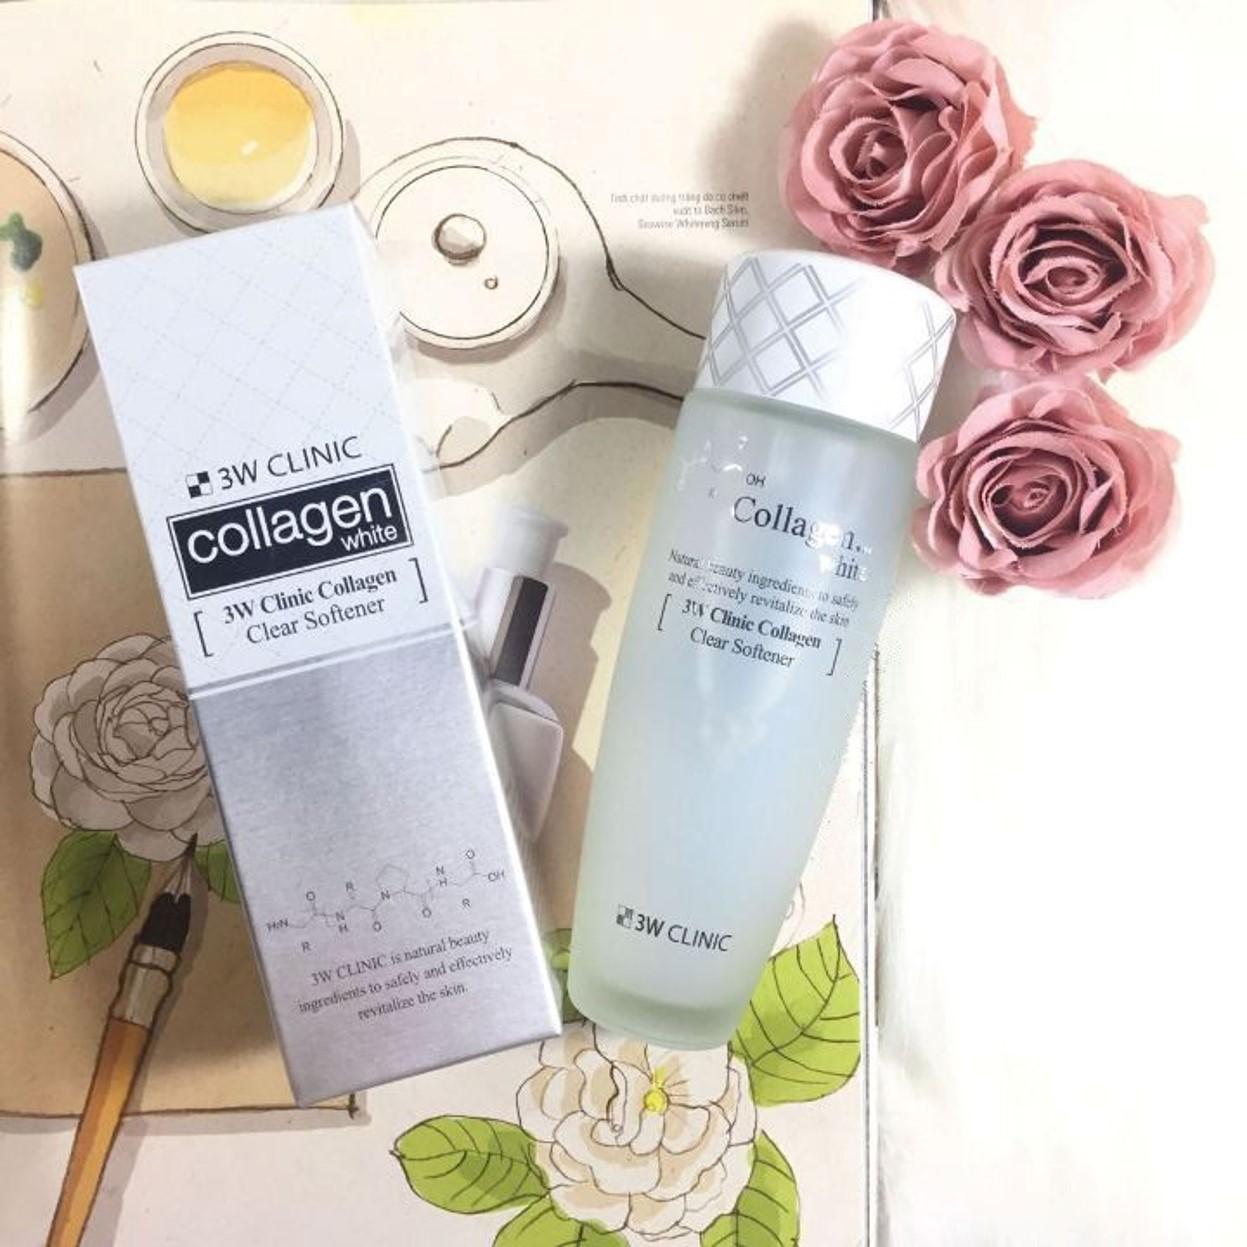 Nước Hoa Hồng Dưỡng Trắng 3W Clinic Collagen White Clear Softener 150ml - Chính hãng